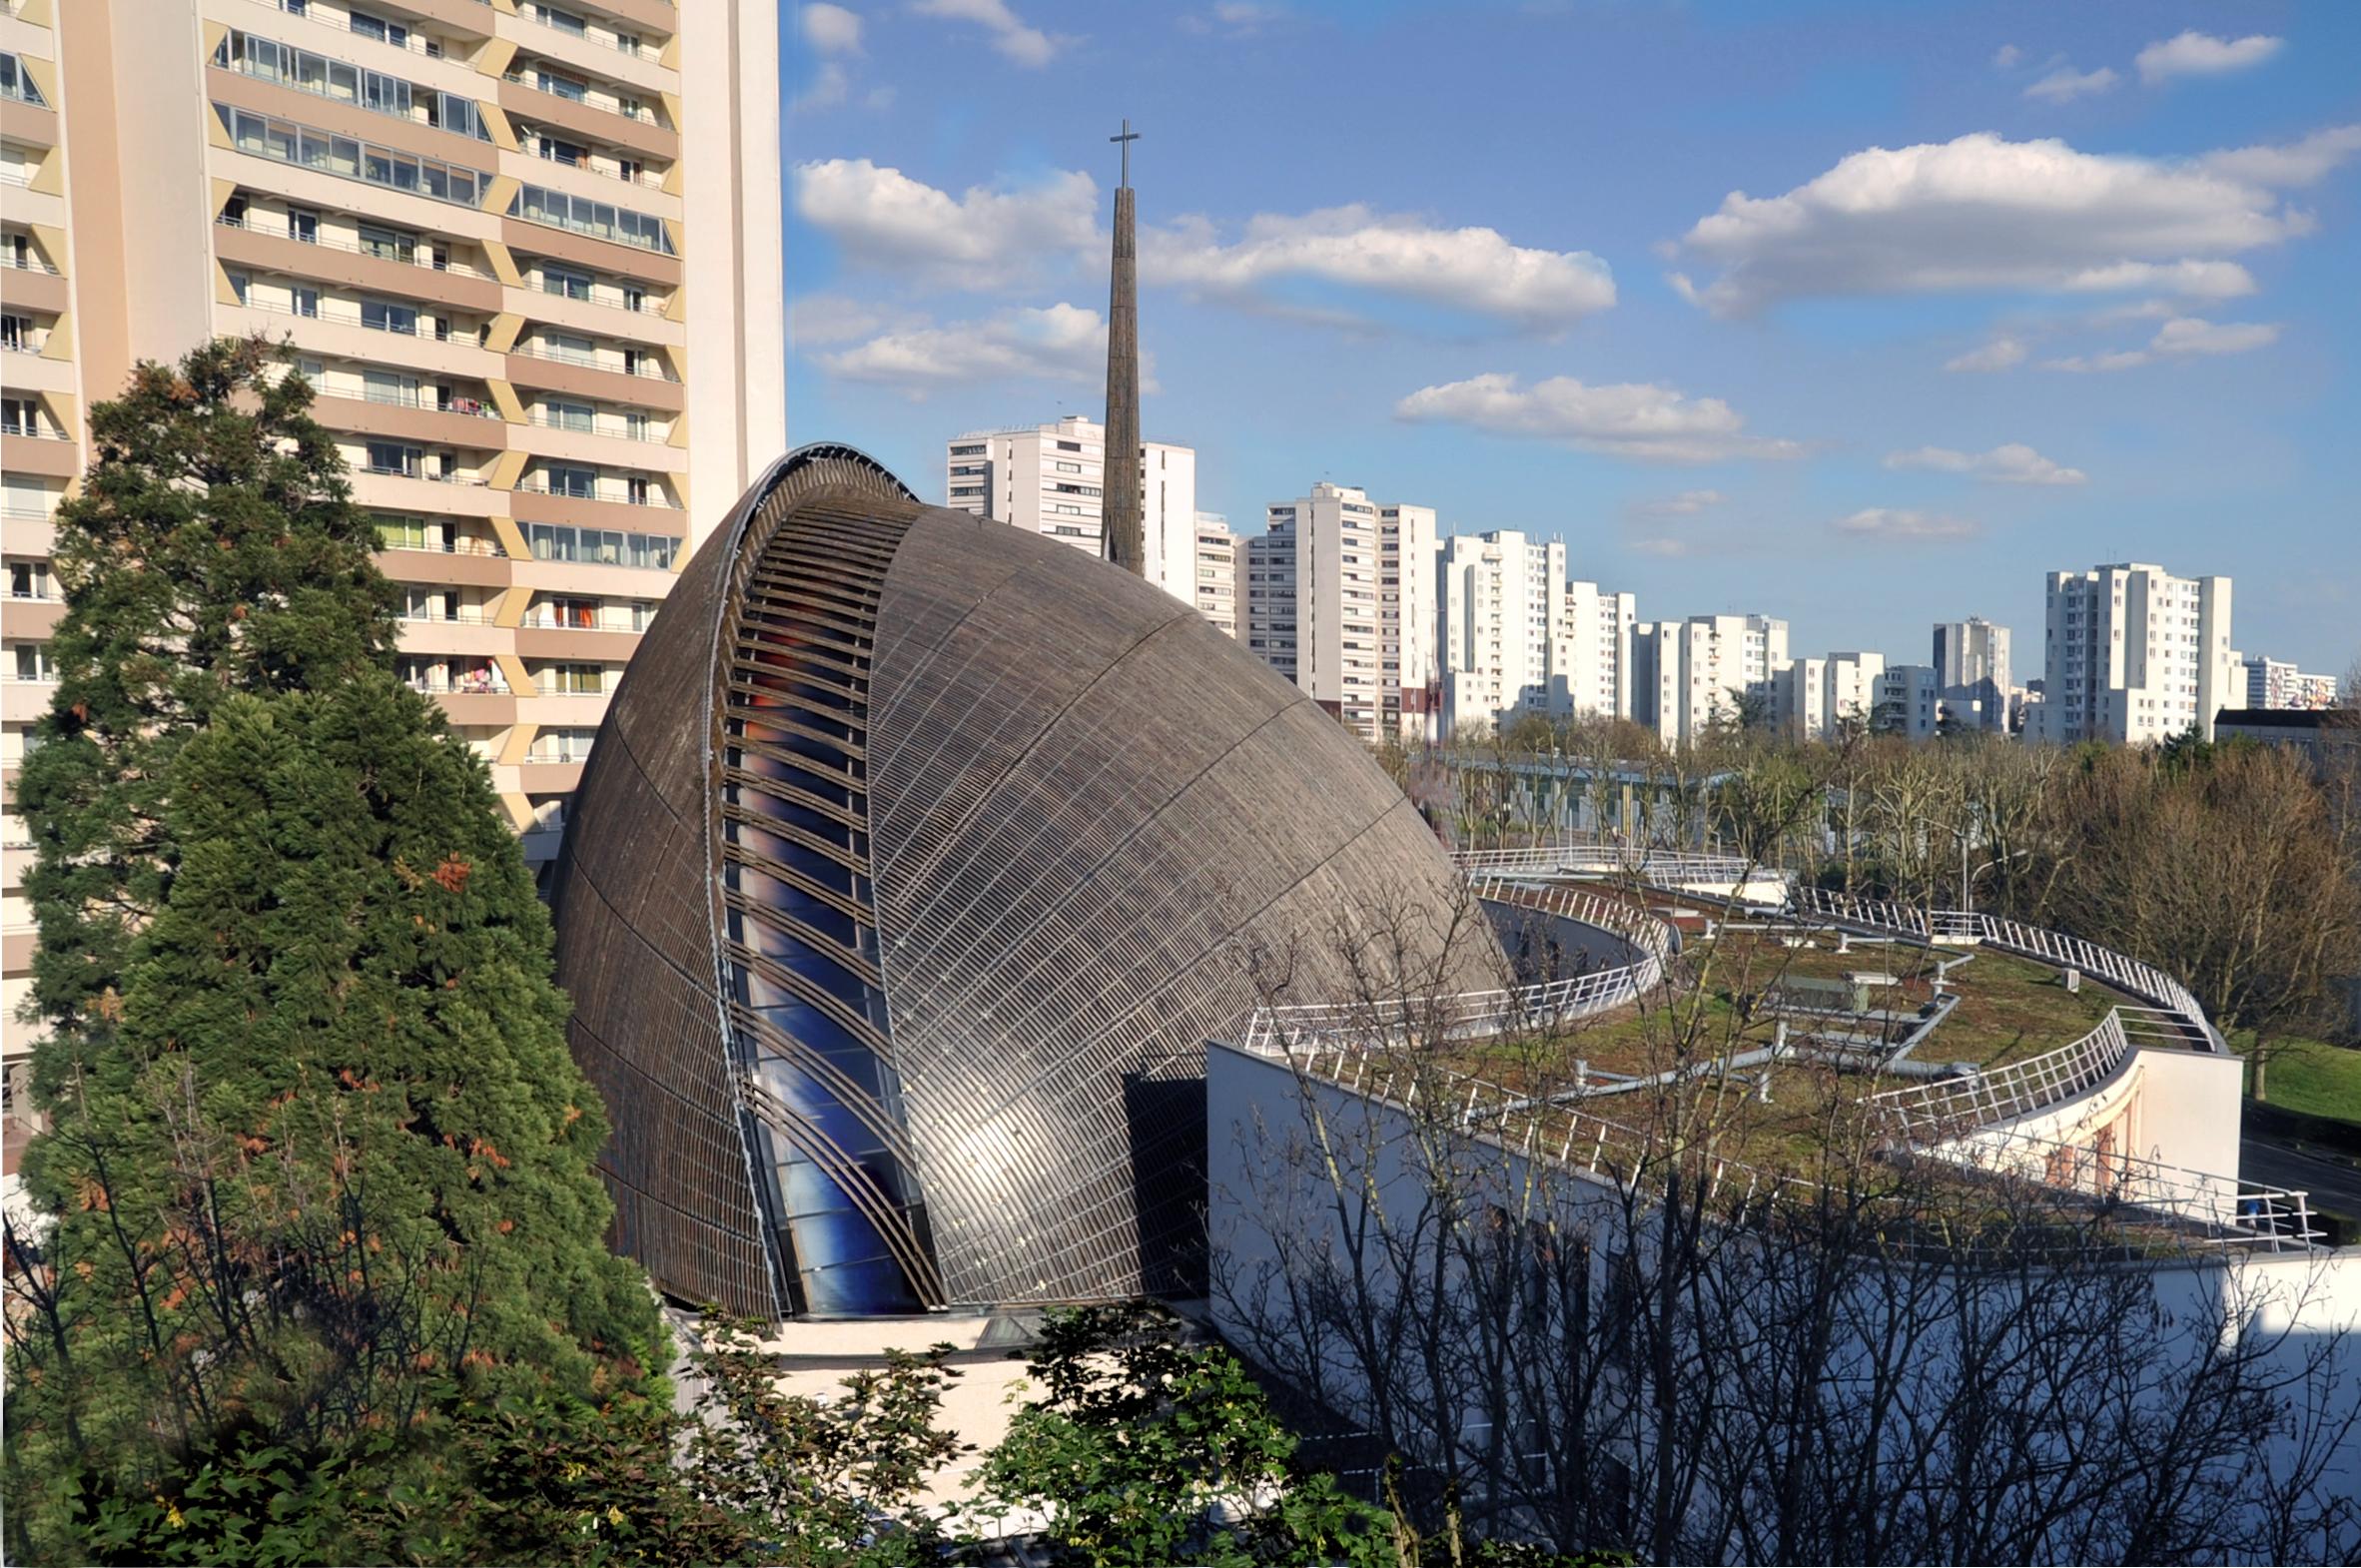 94 - Cathédrale de Créteil - credits Yves Mernier @ Architecture-Studio